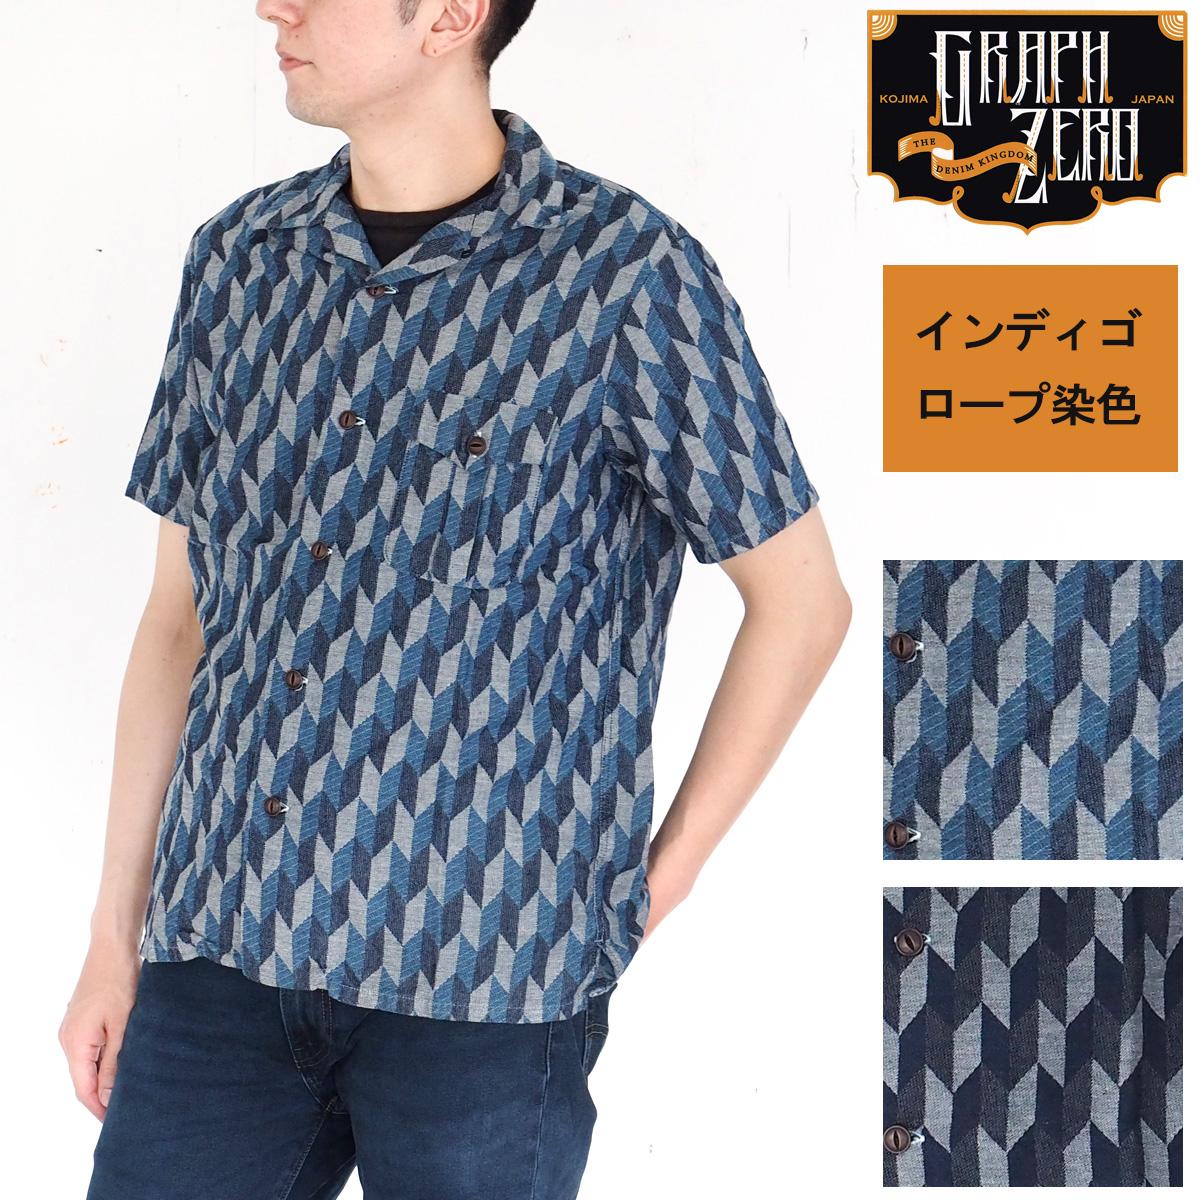 graphzero(グラフゼロ) オープンカラーシャツ 矢羽根×インディゴ 半袖 メンズ [GZ-OPCYHS-0204-MENS]